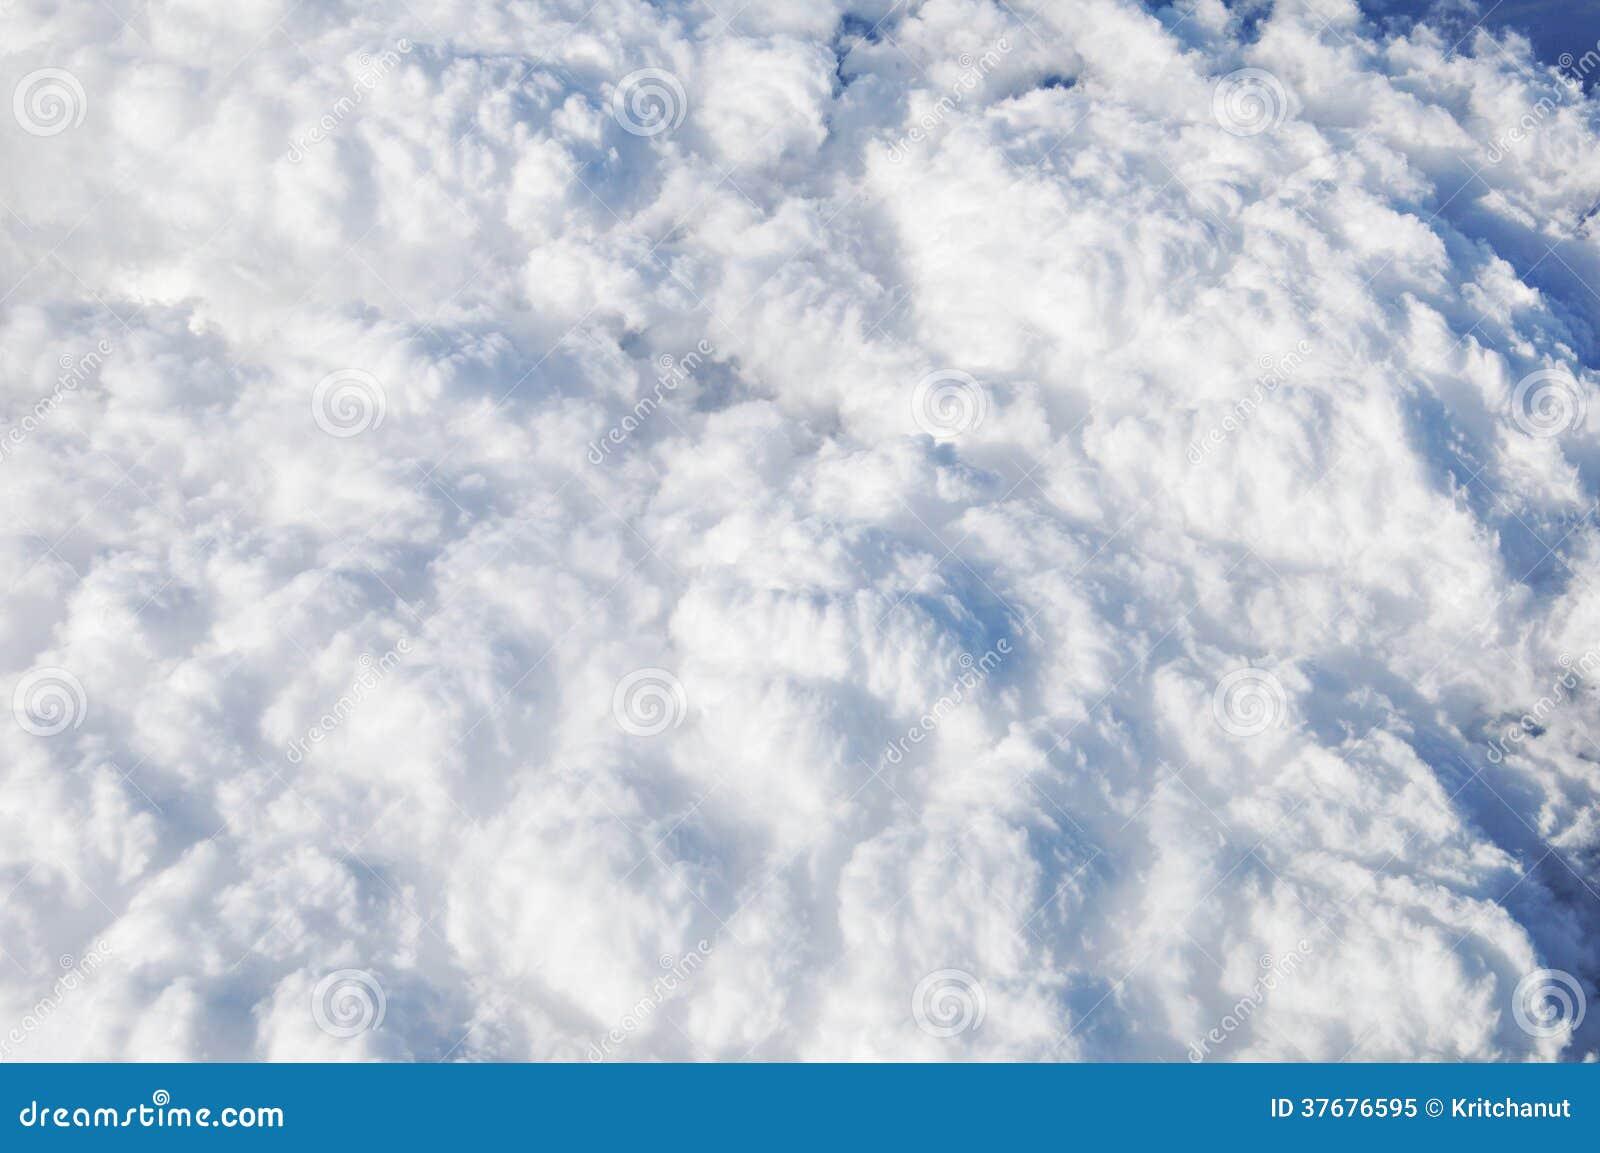 Vue Aérienne De Texture De Nuage Photo libre de droits - Image: 37676595